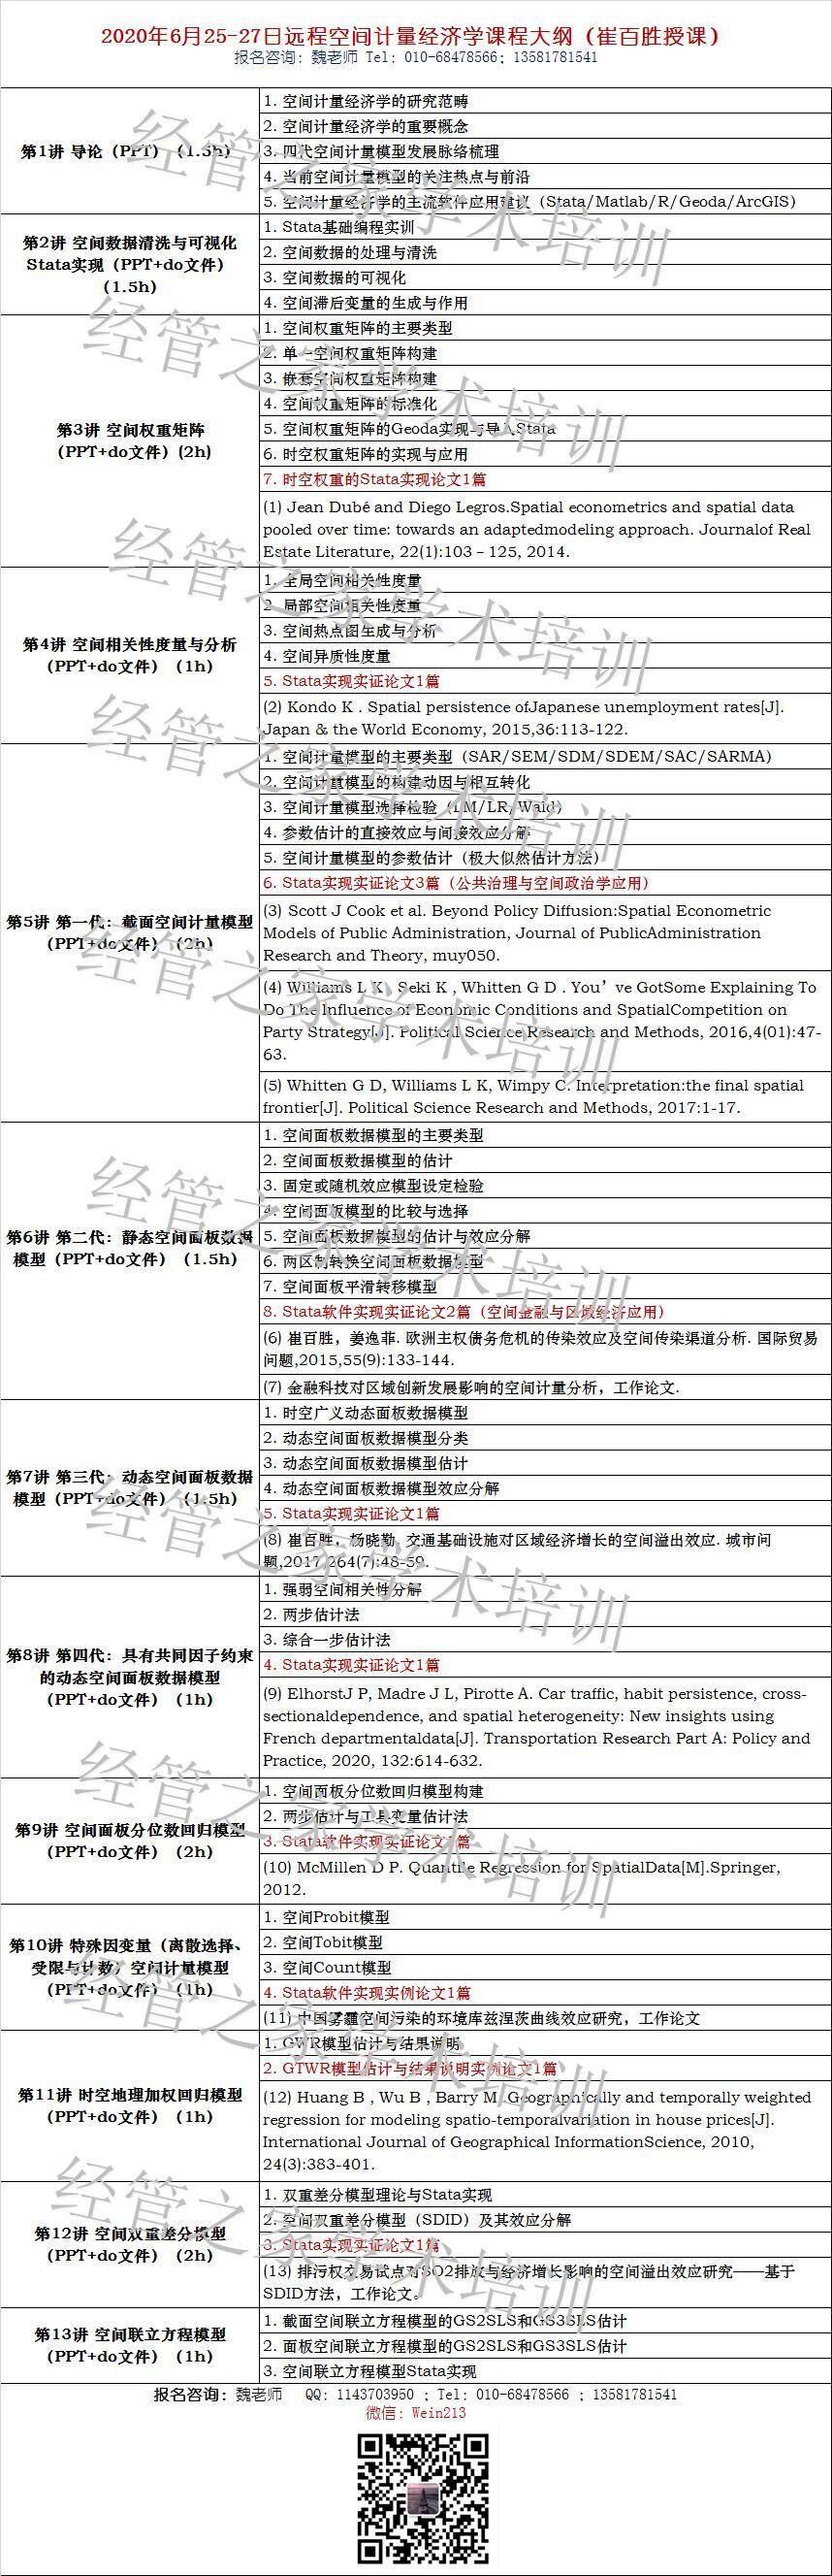 Stata空间计量课纲202006.png